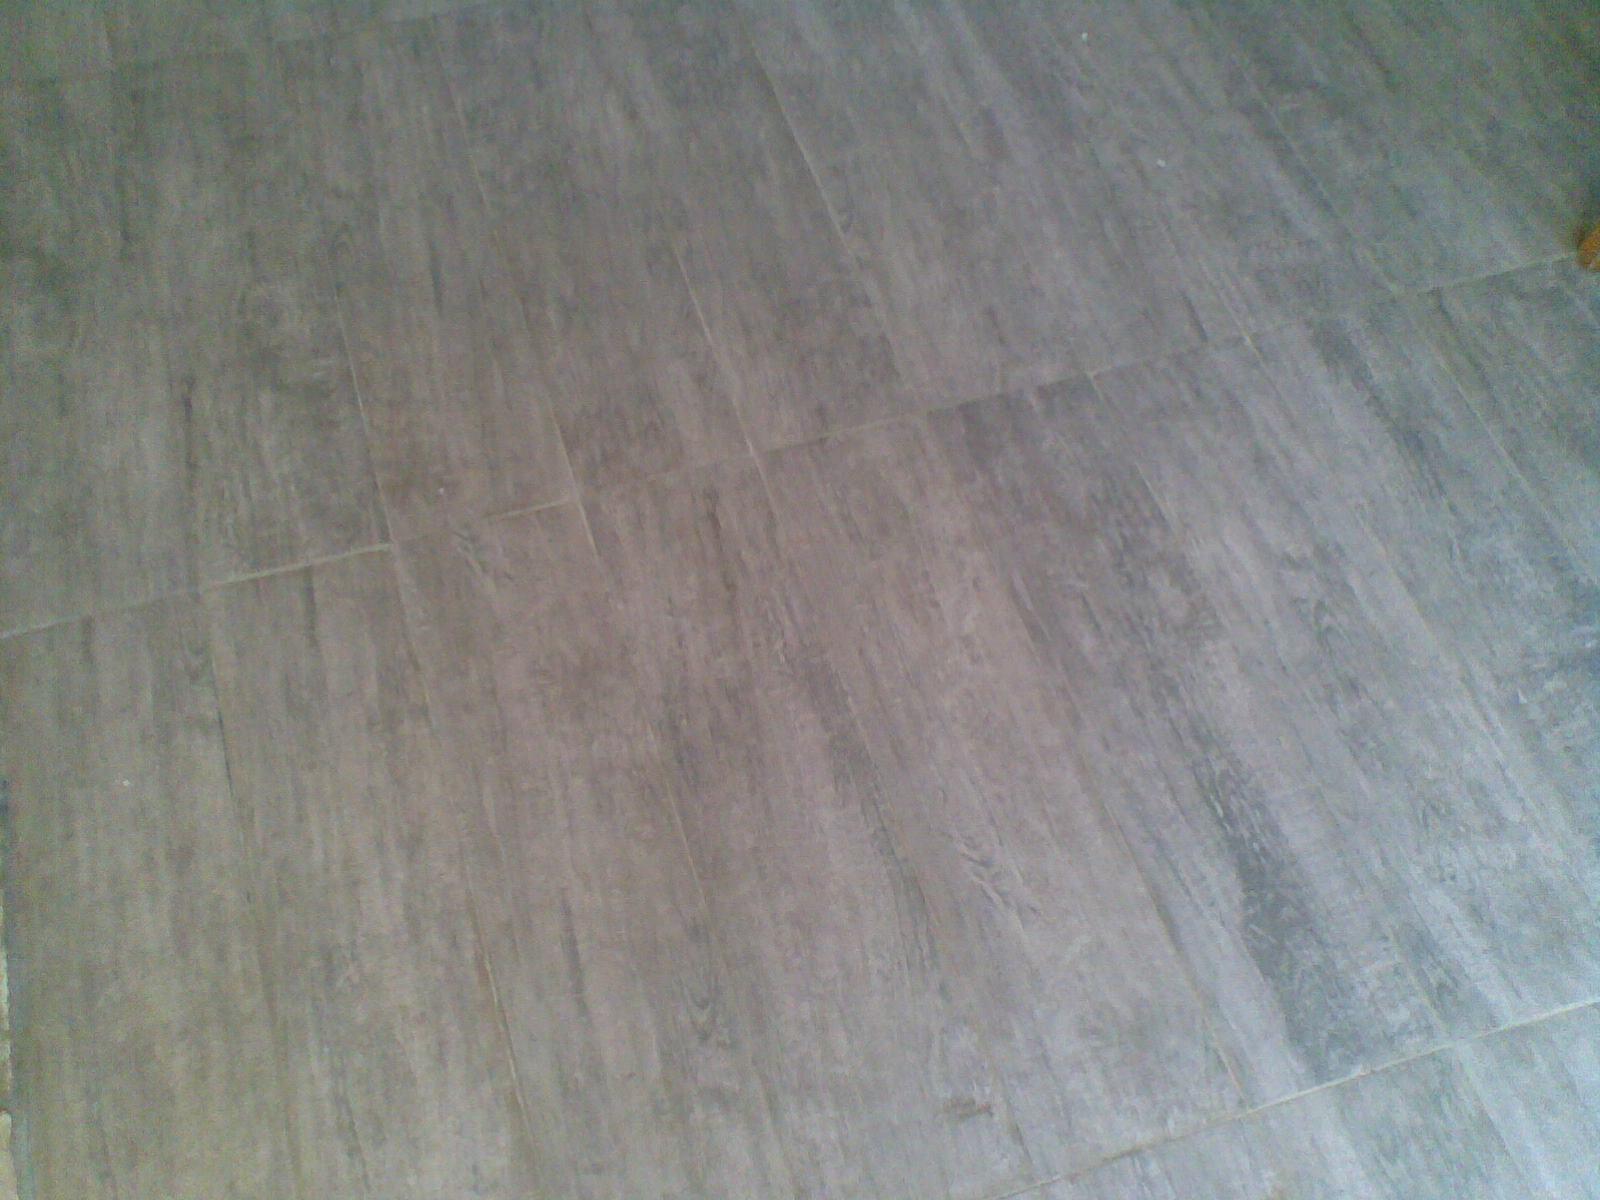 porcelanato imitando madeira de demolição veio da Casa e Interior. #5C5238 1600x1200